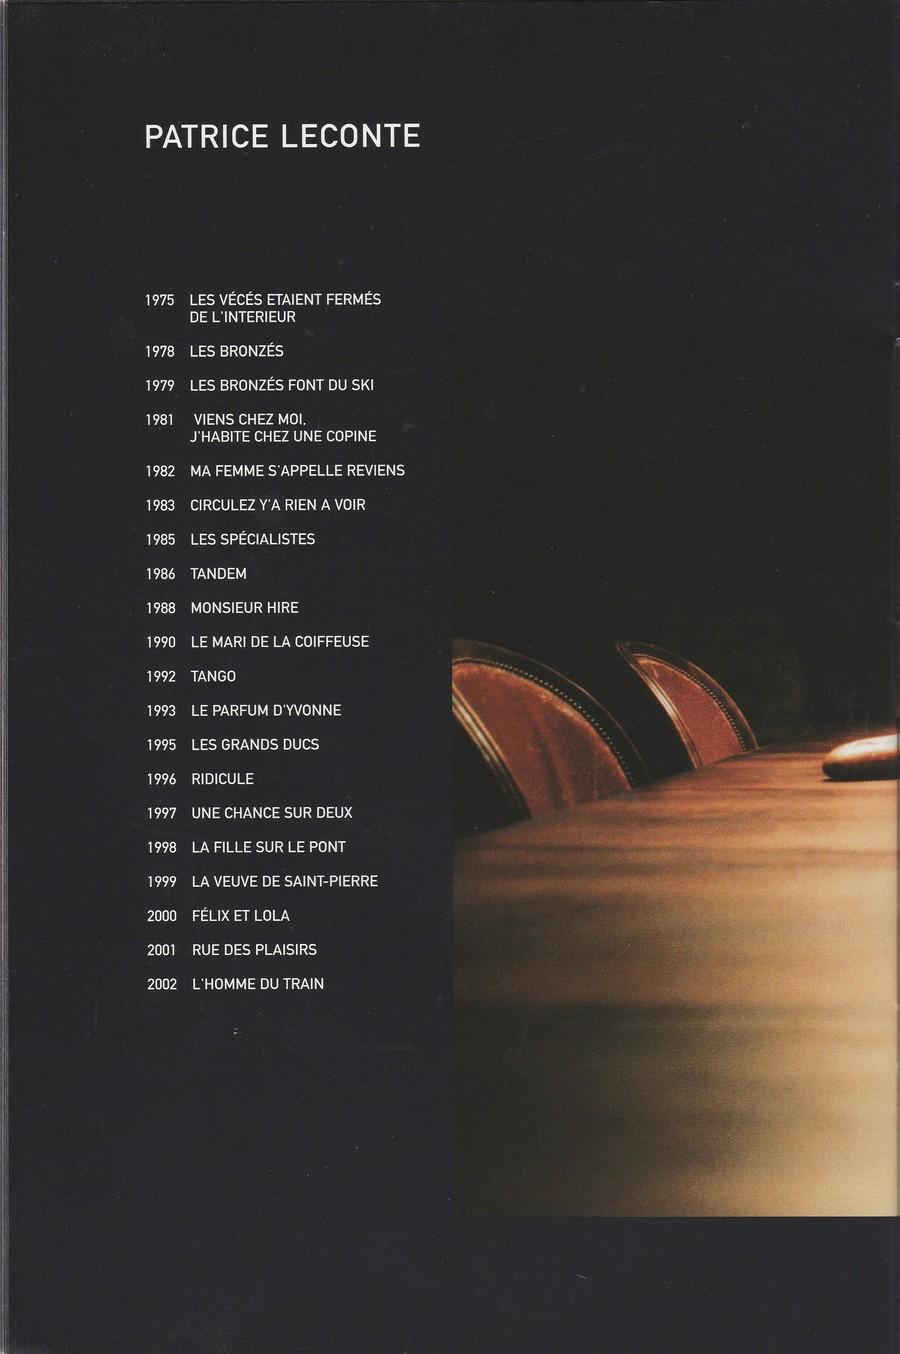 LES FILMS DE JOHNNY 'L'HOMME DU TRAIN' 2002 Img_2751